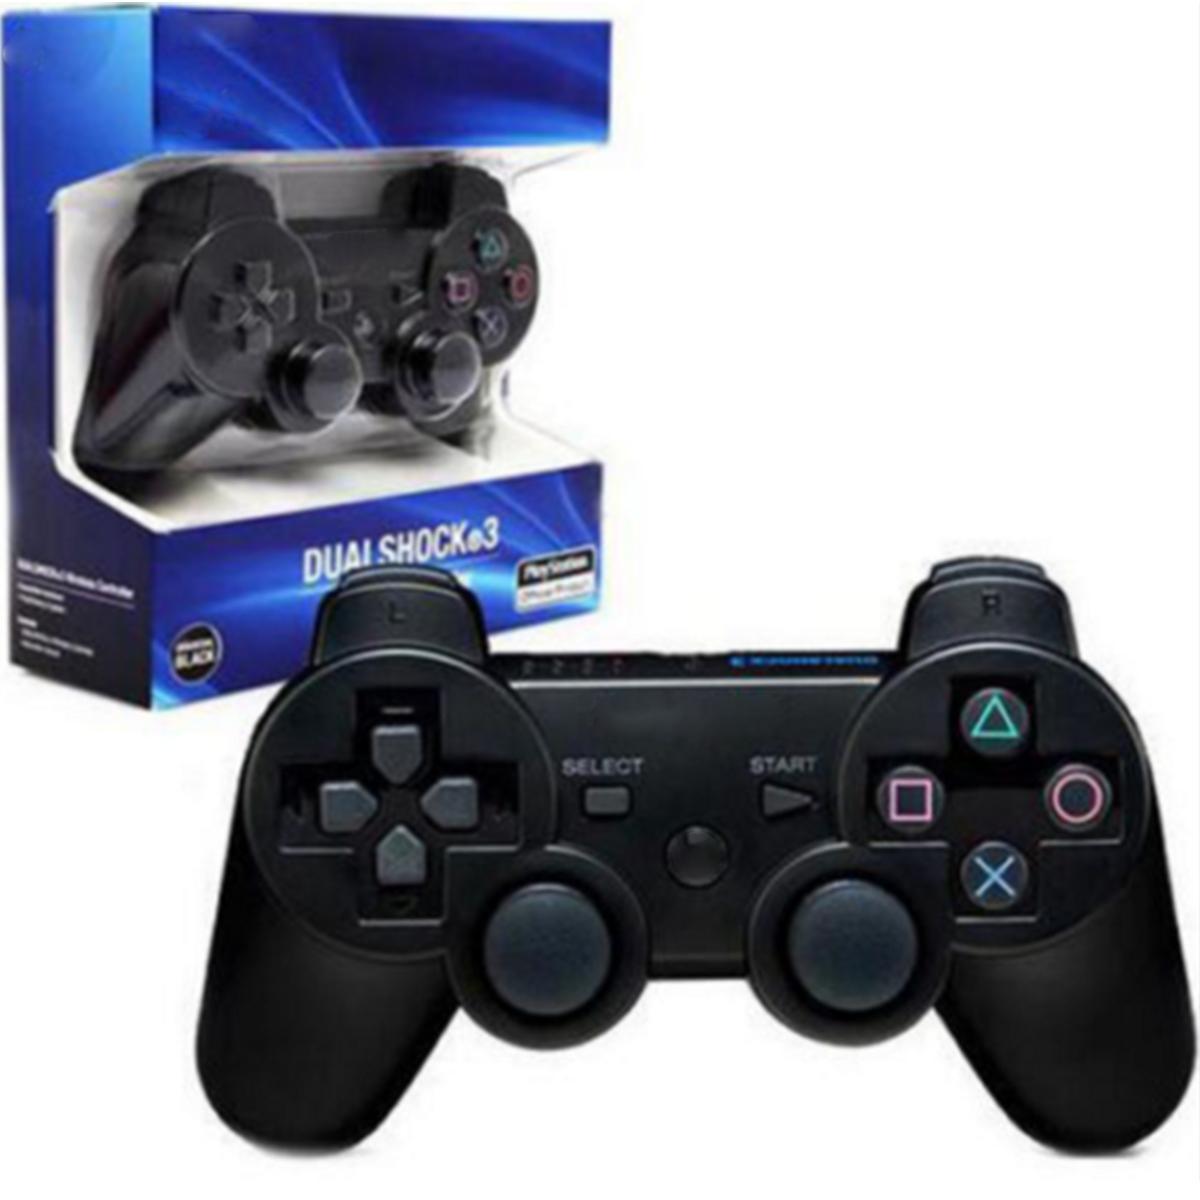 Controller di gioco di vendita caldi Controller wireless Doppio shock per PS3 Portable Video Game Palyer Game Console con scatola